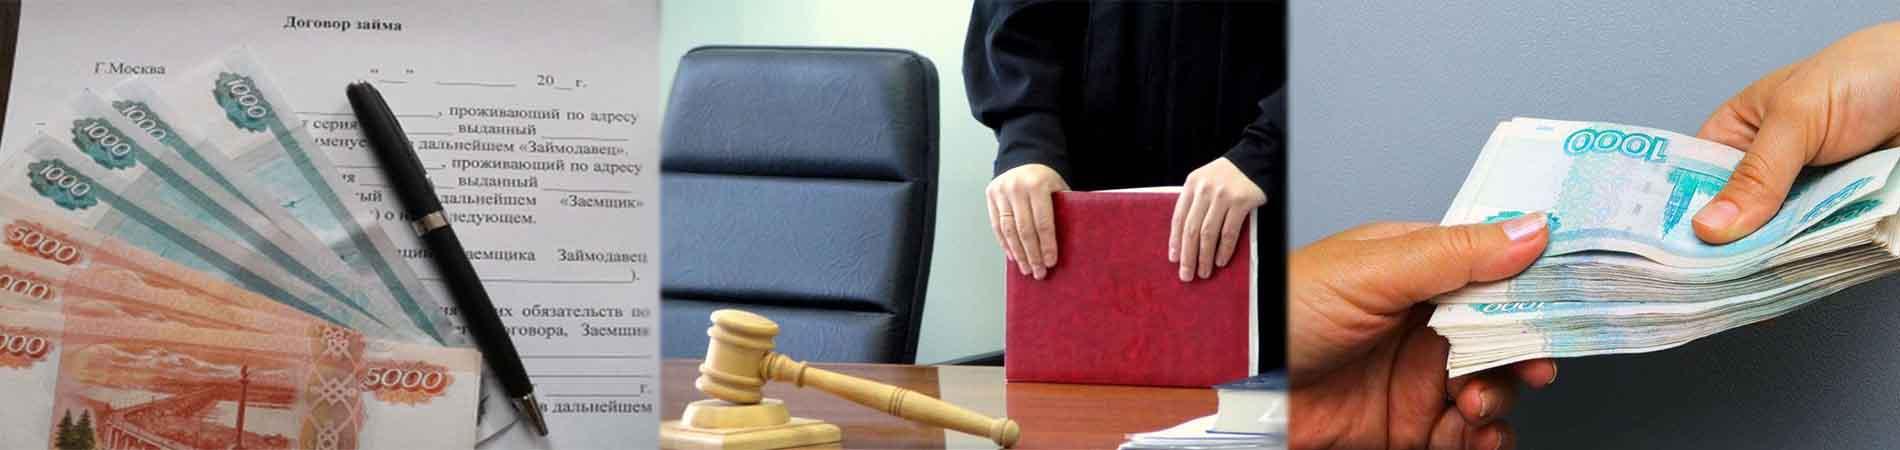 Юридическая консультация по договору по